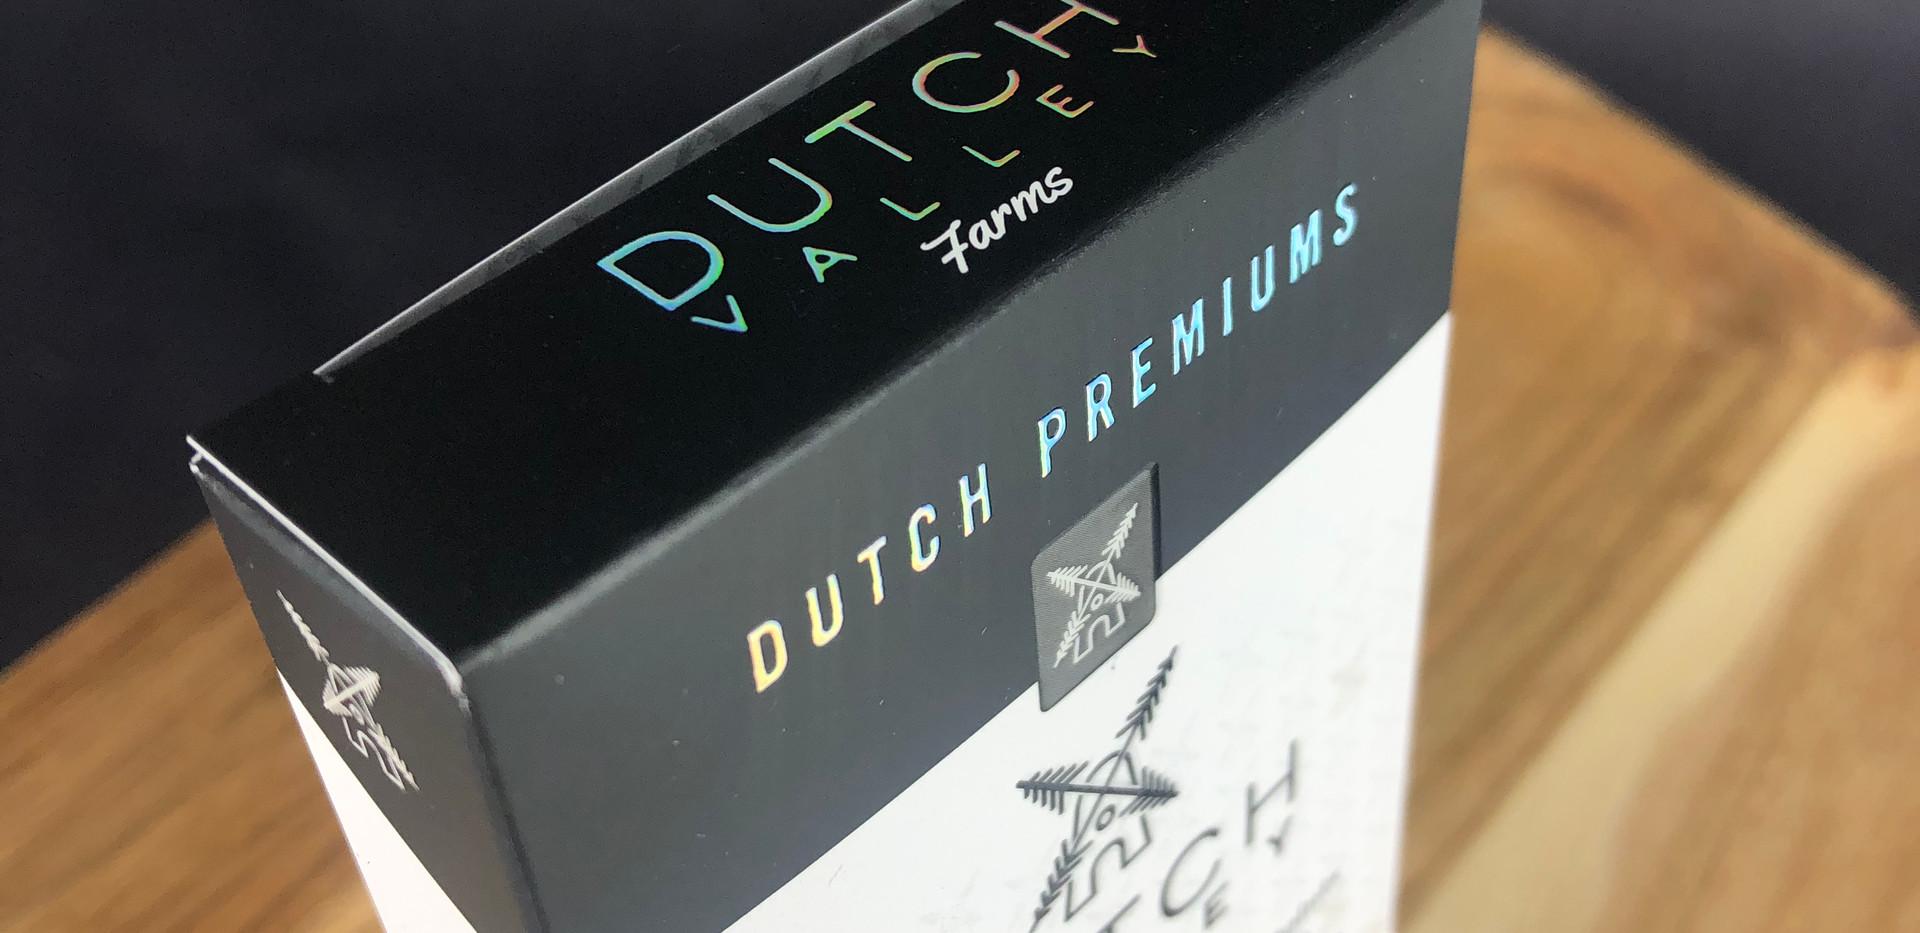 DutchValley_Sample_GoldLeafPackaging_Holographic-Foil